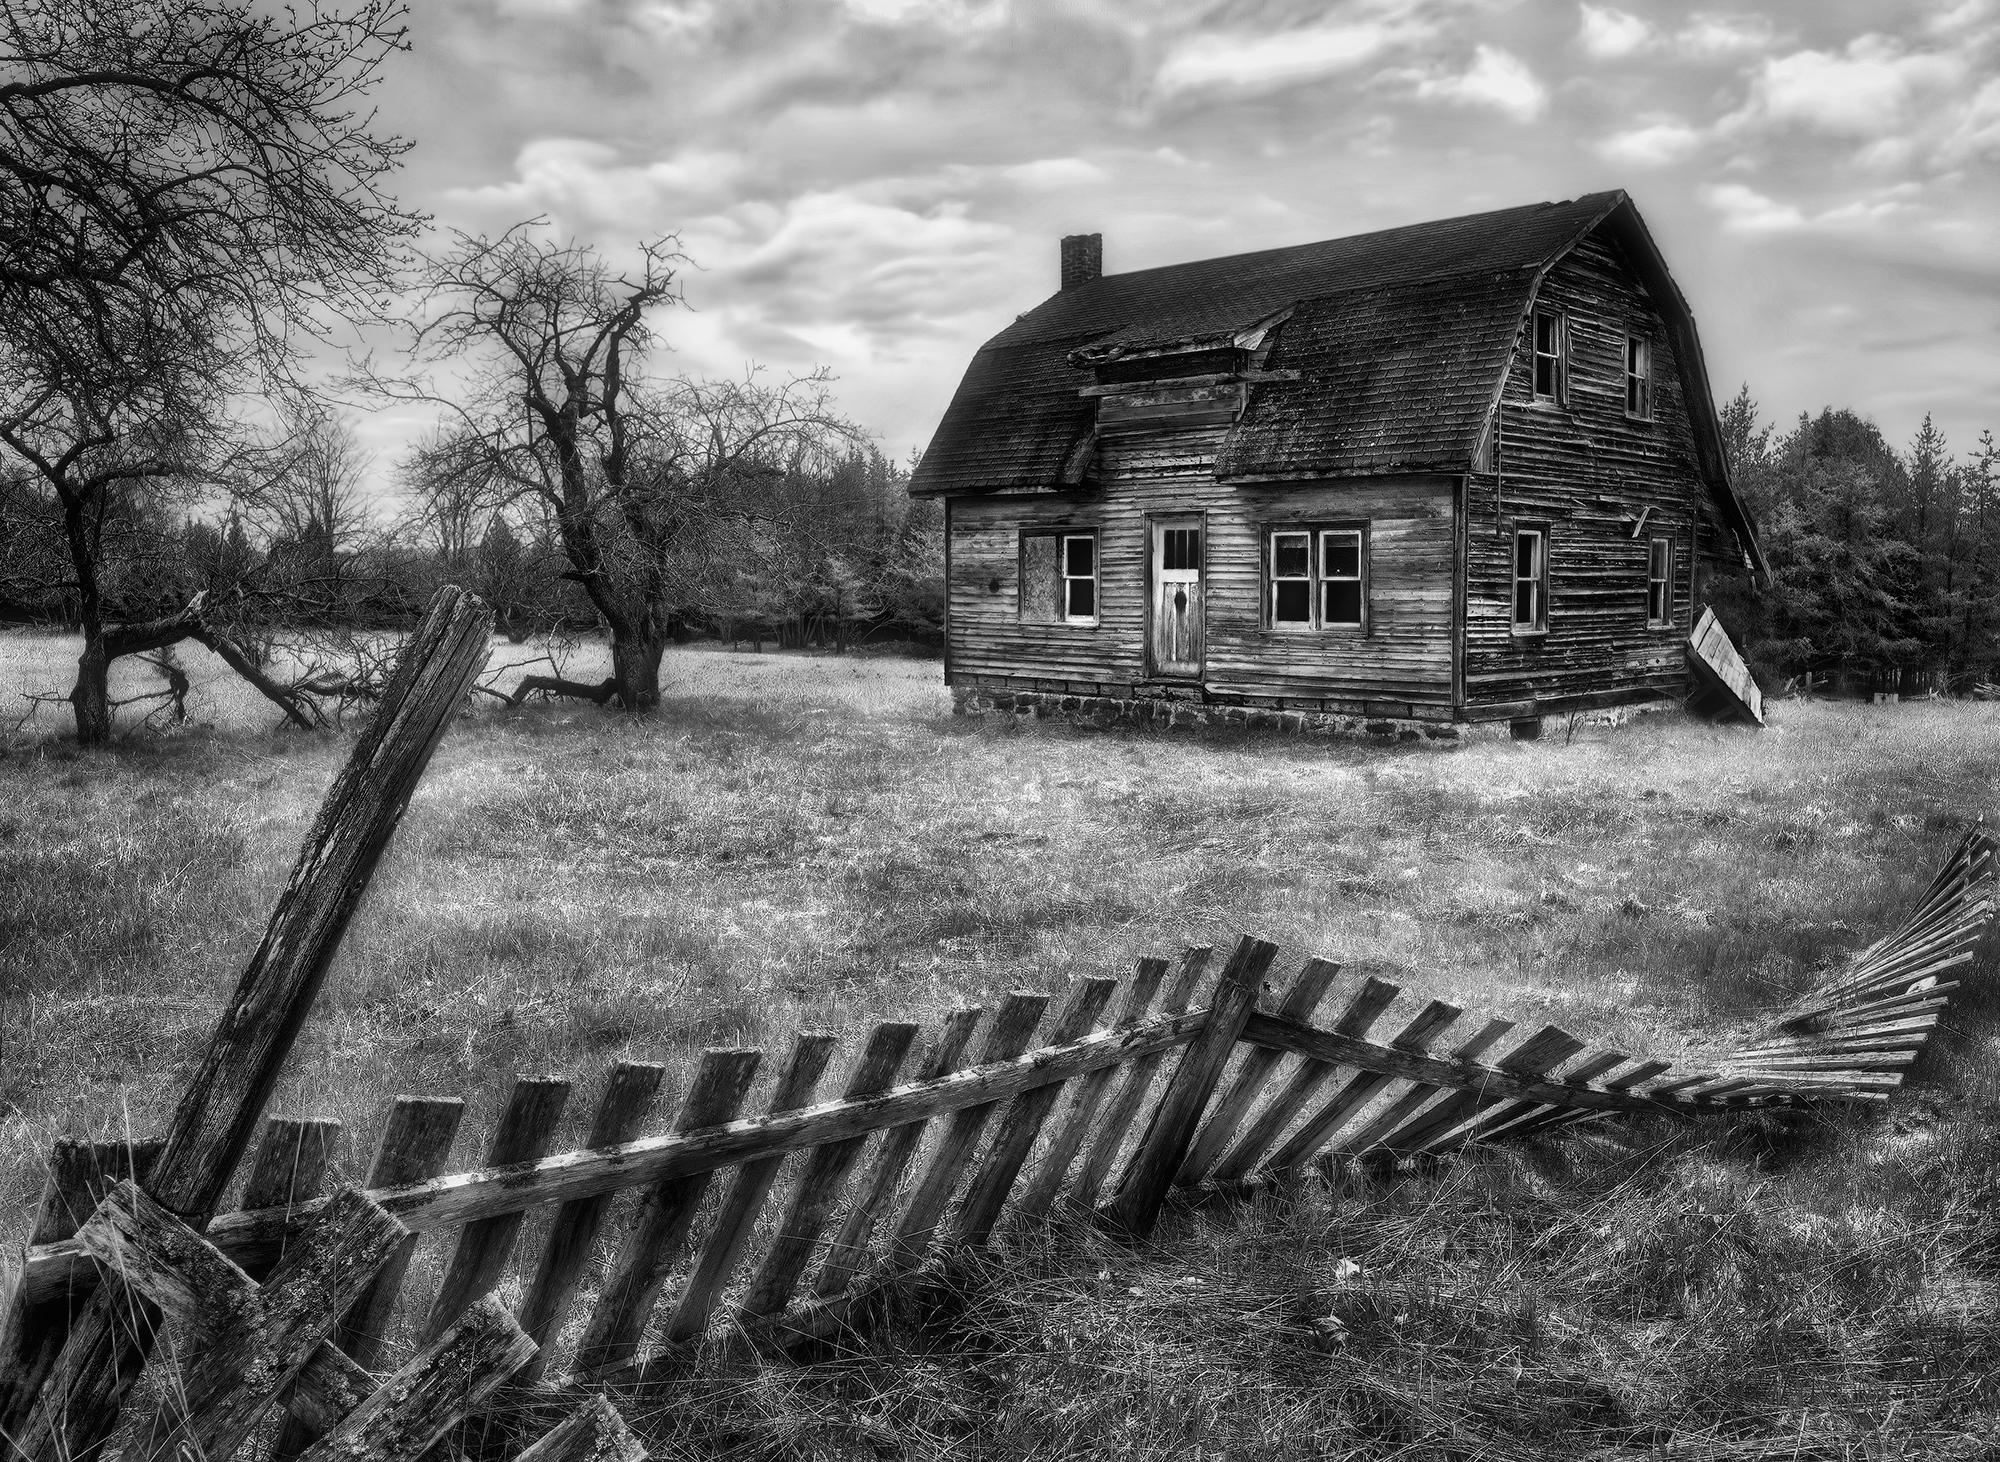 VAN HORN's HOUSE